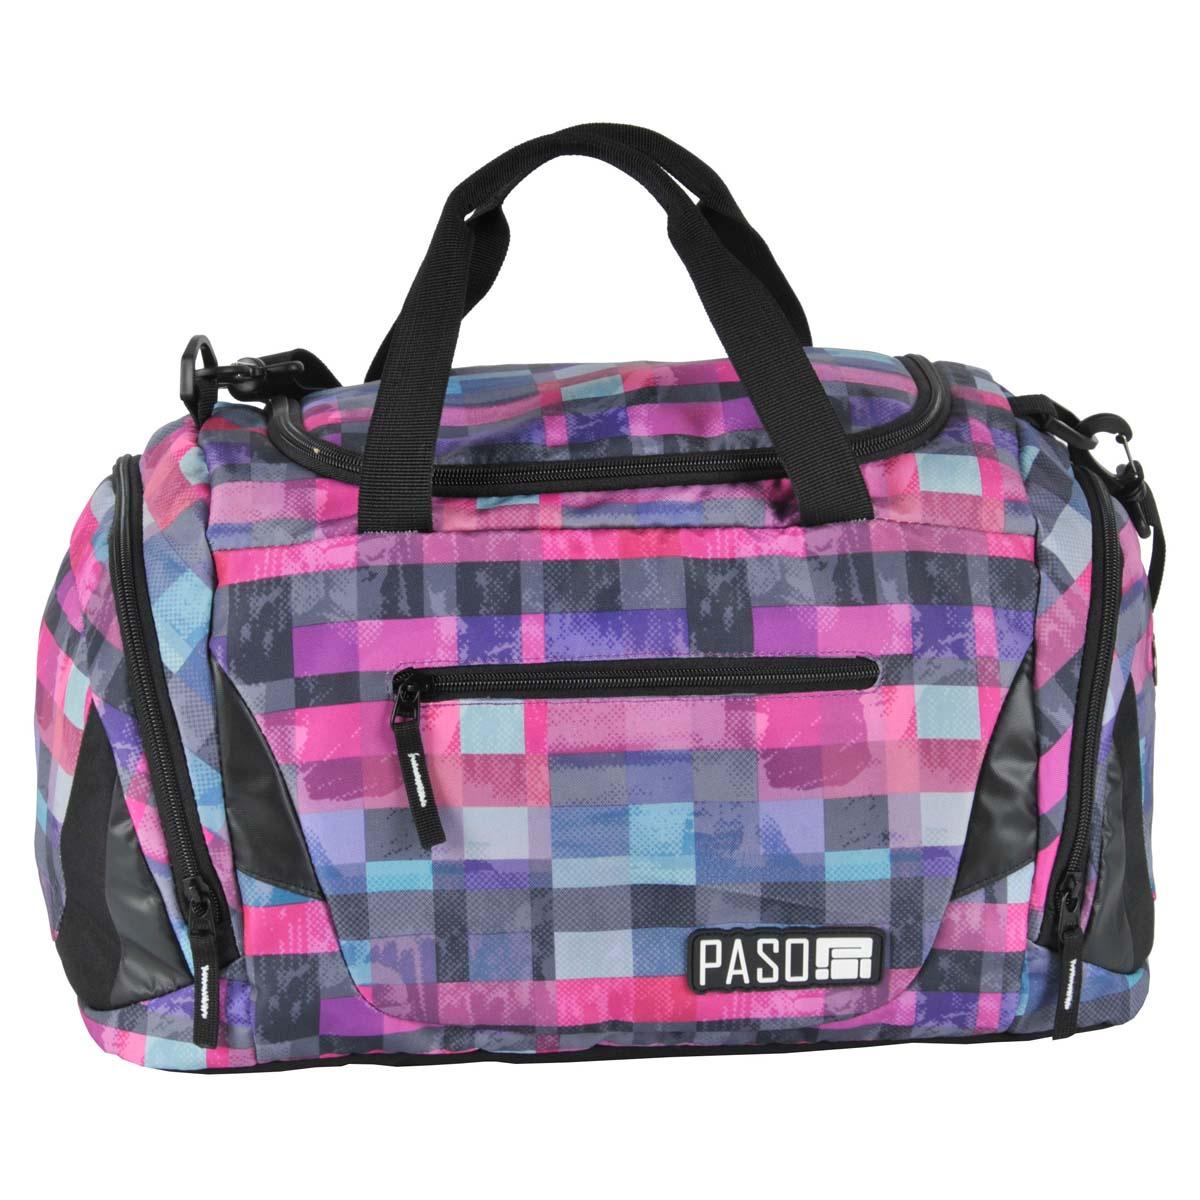 Сумка спортивная PASO Square pink, розовый, черный, разноцветный